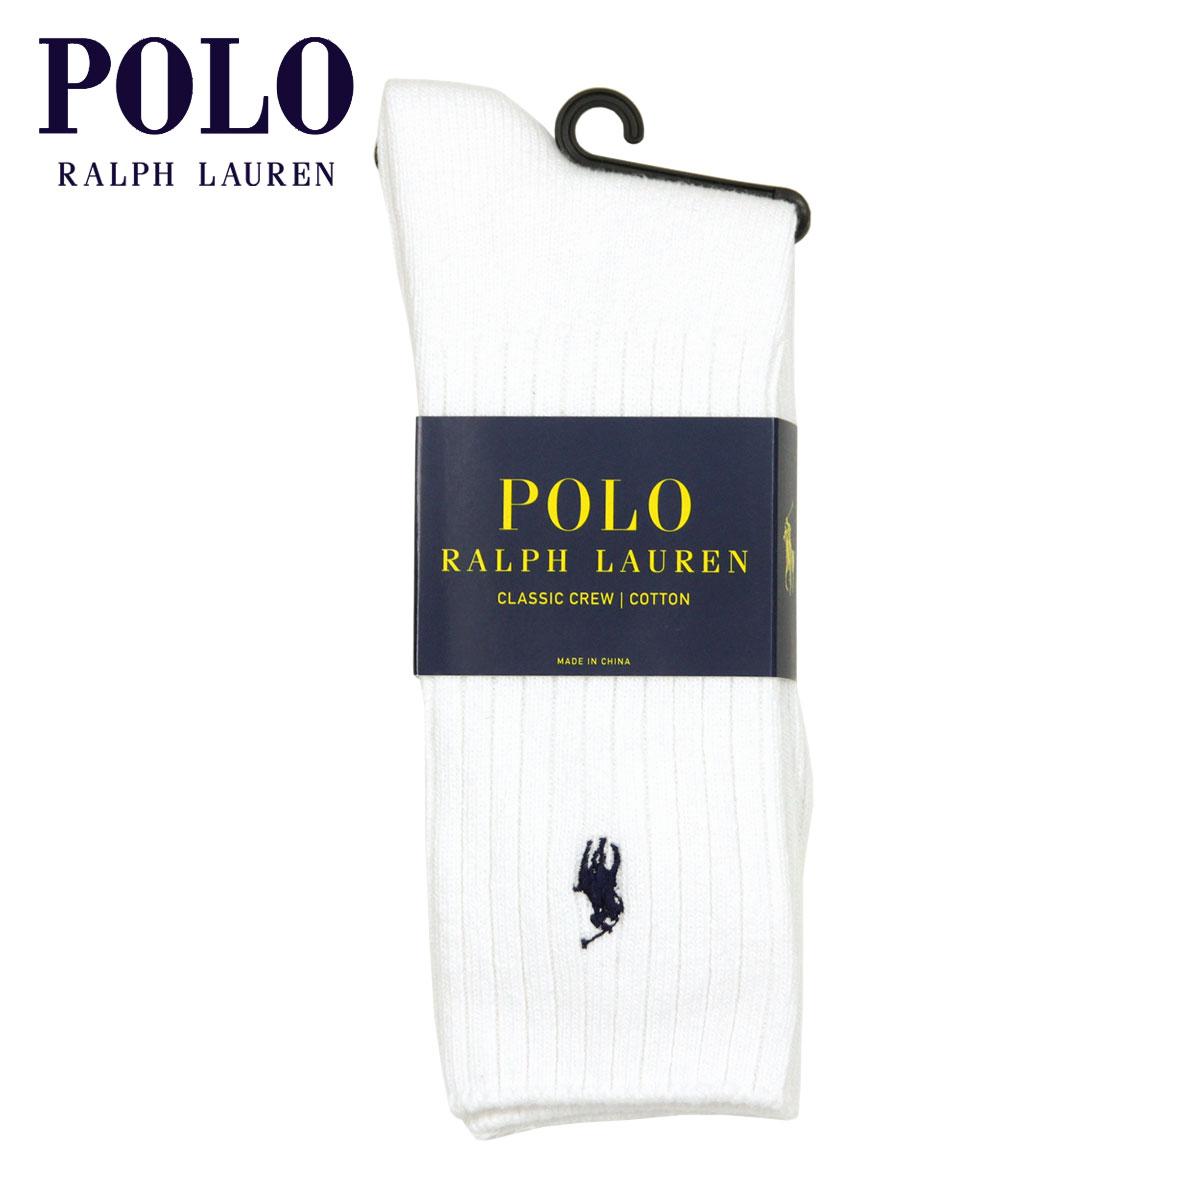 ポロ ラルフローレン POLO RALPH LAUREN 正規品 ソックス COTTON RIB SINGLE SOCK WHITE 100 - WHITE A05B B1C C3D D1E E01F